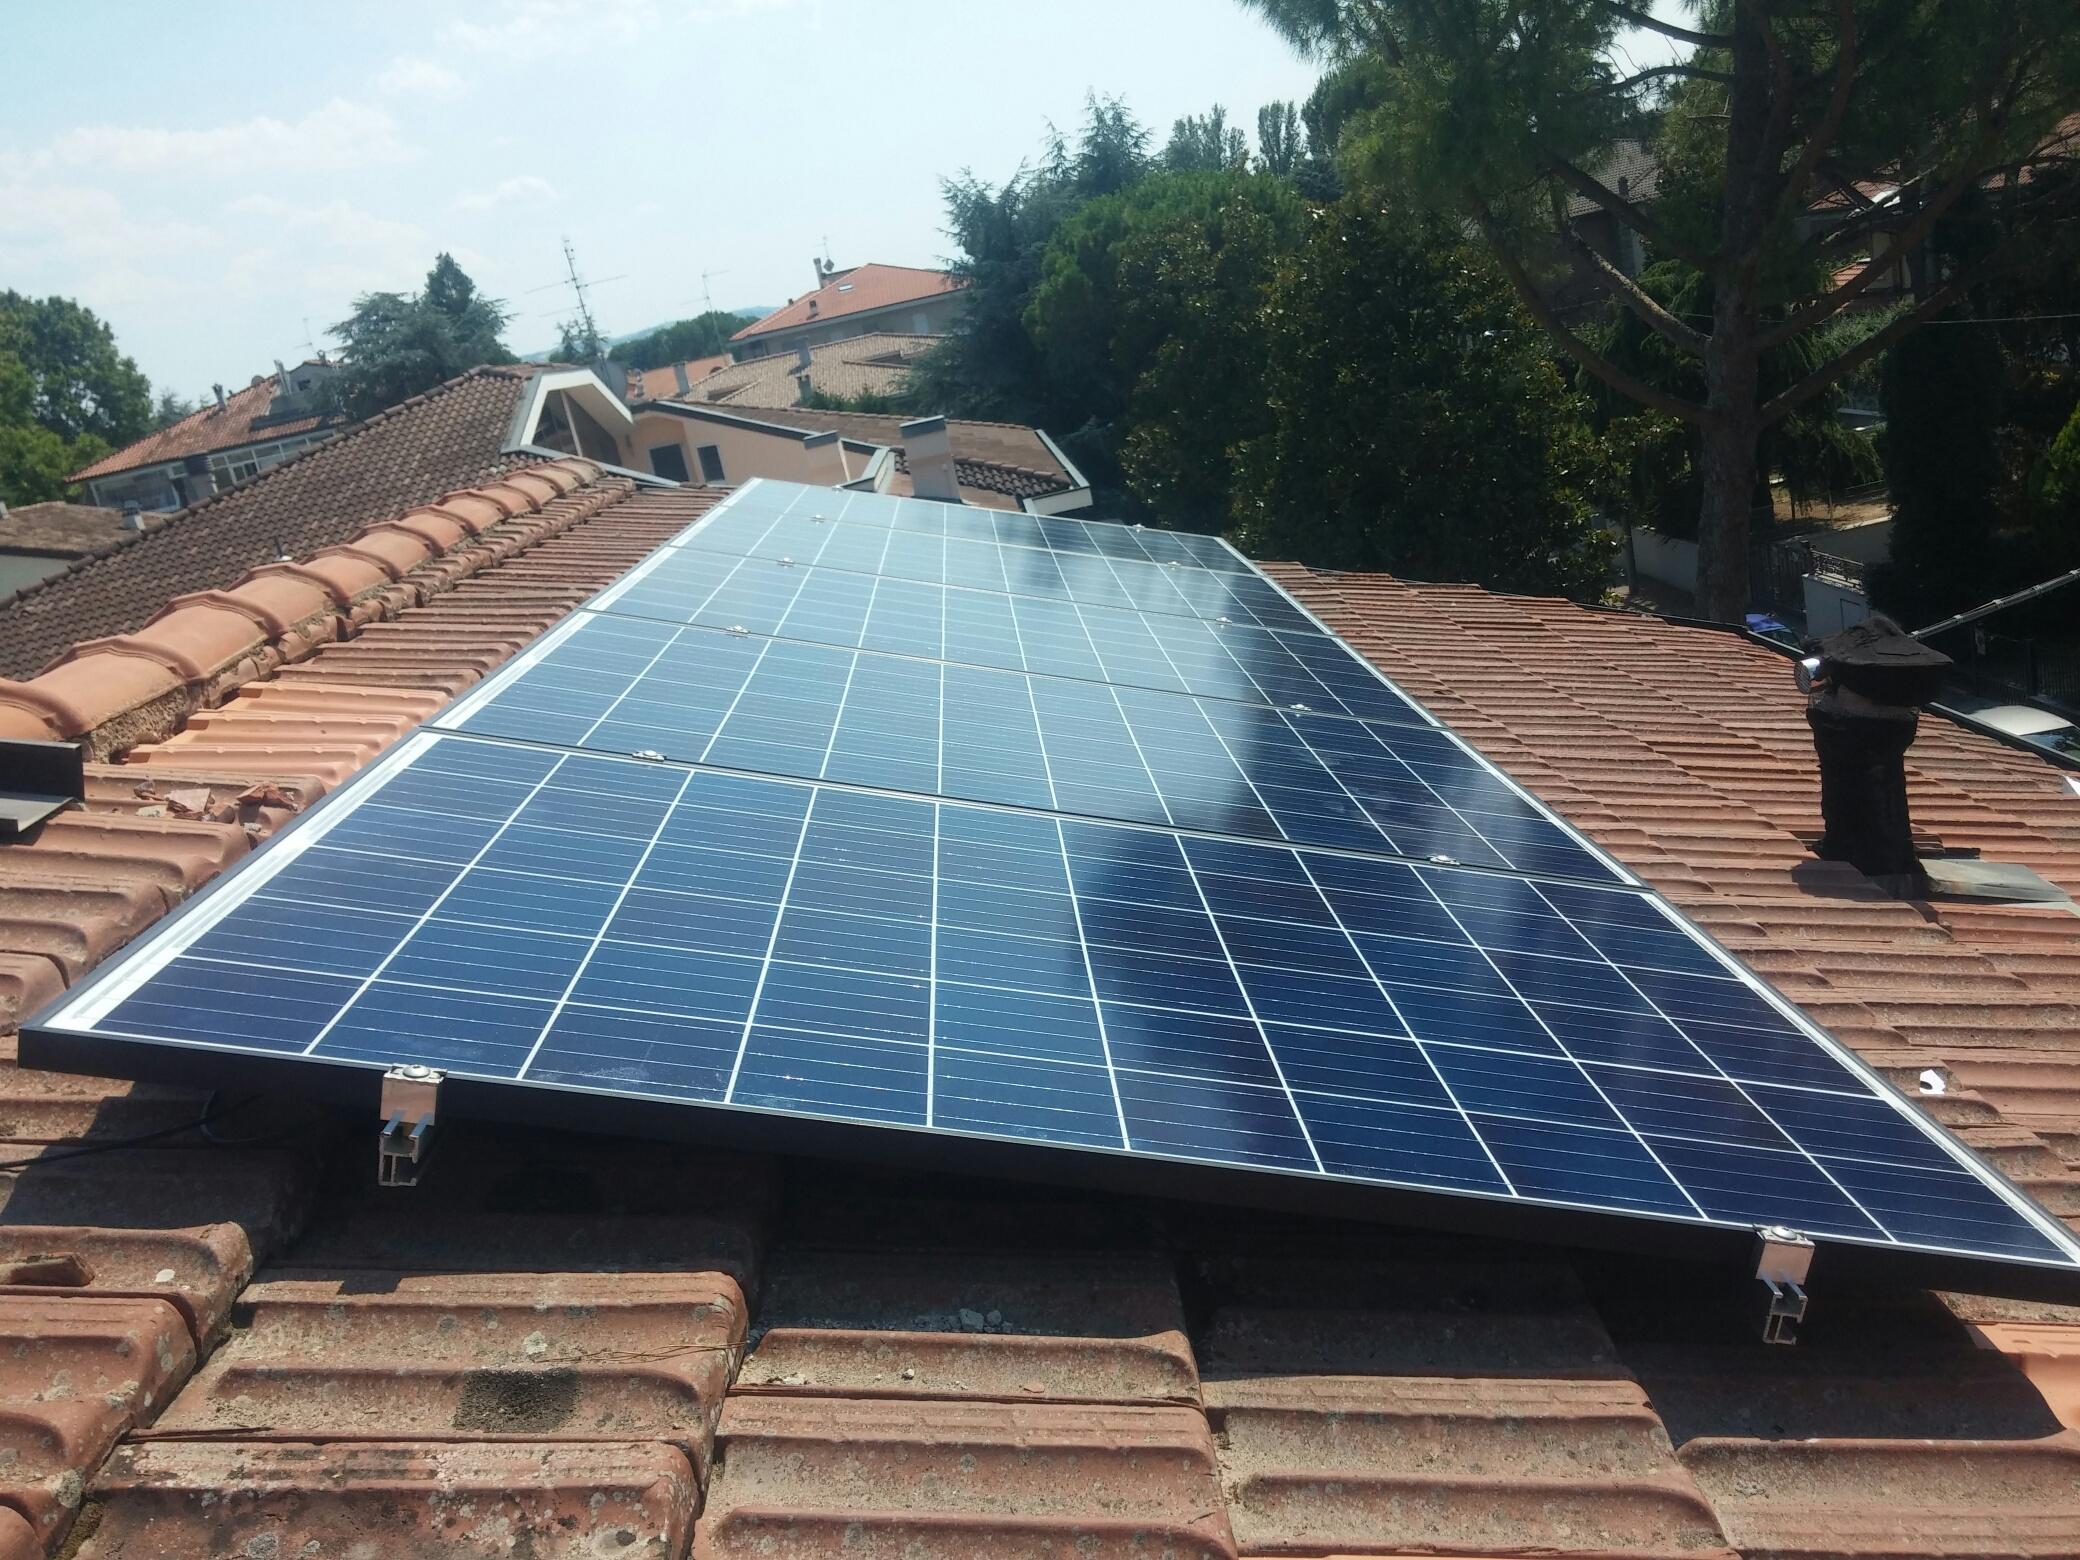 Impianto Fotovoltaico da 3kWp - Forlì (FC) - soetech.it